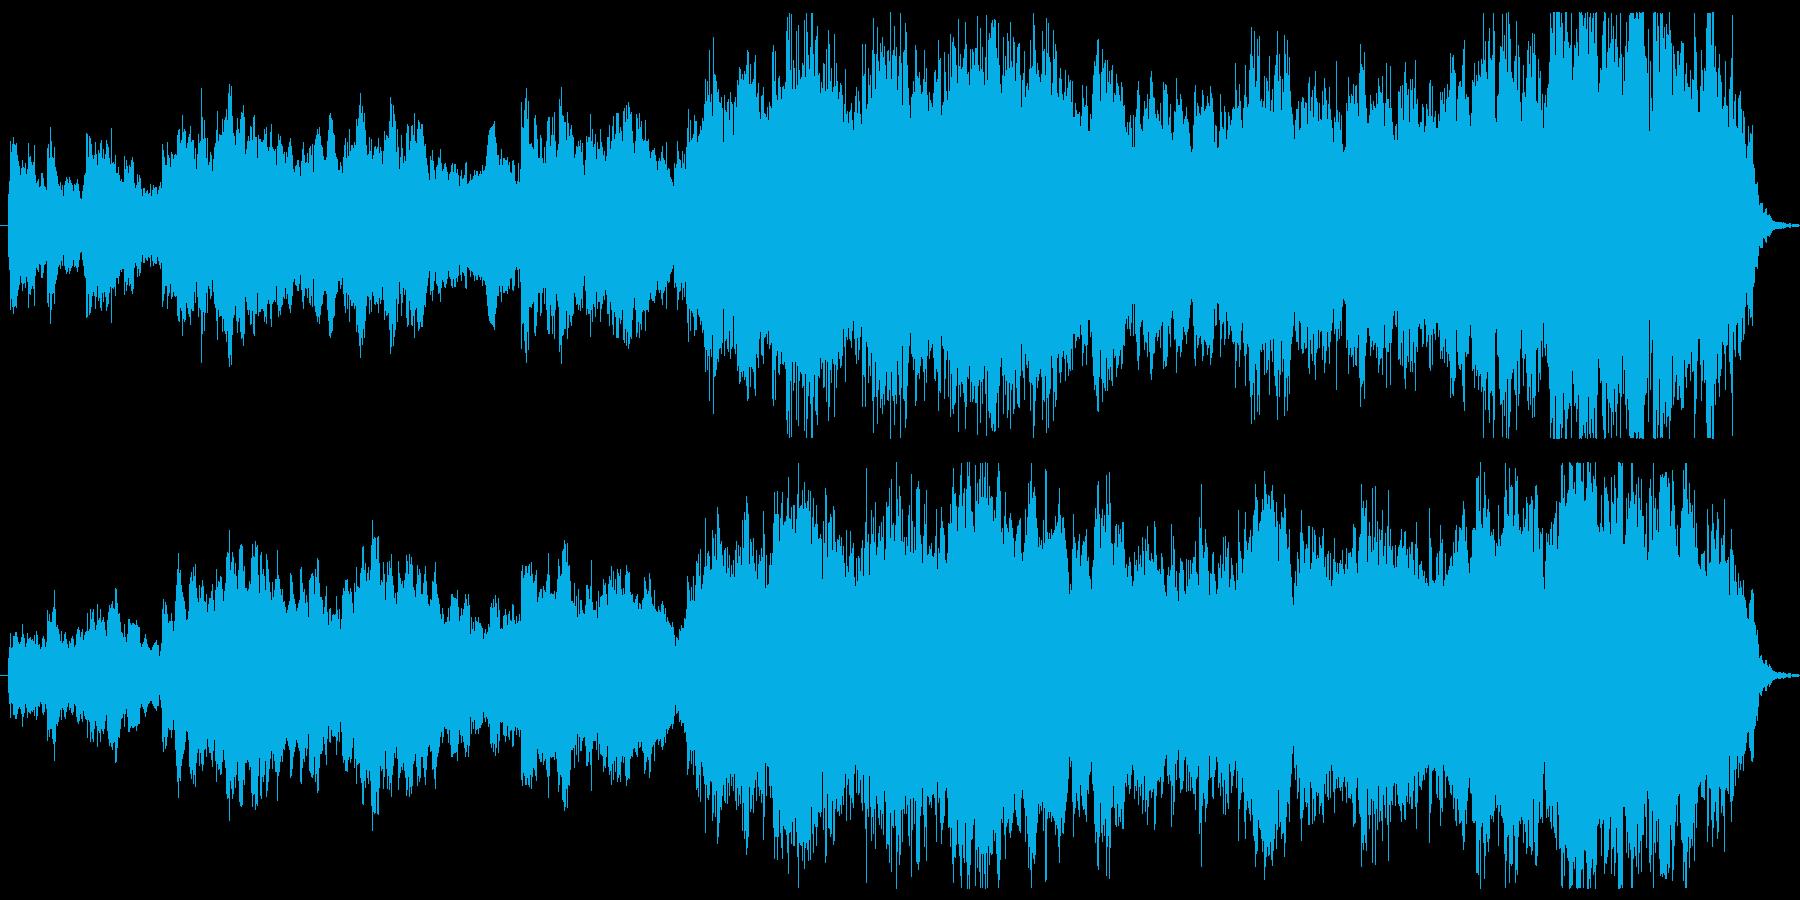 緊張感帯びるサスペンスシーンBGMの再生済みの波形